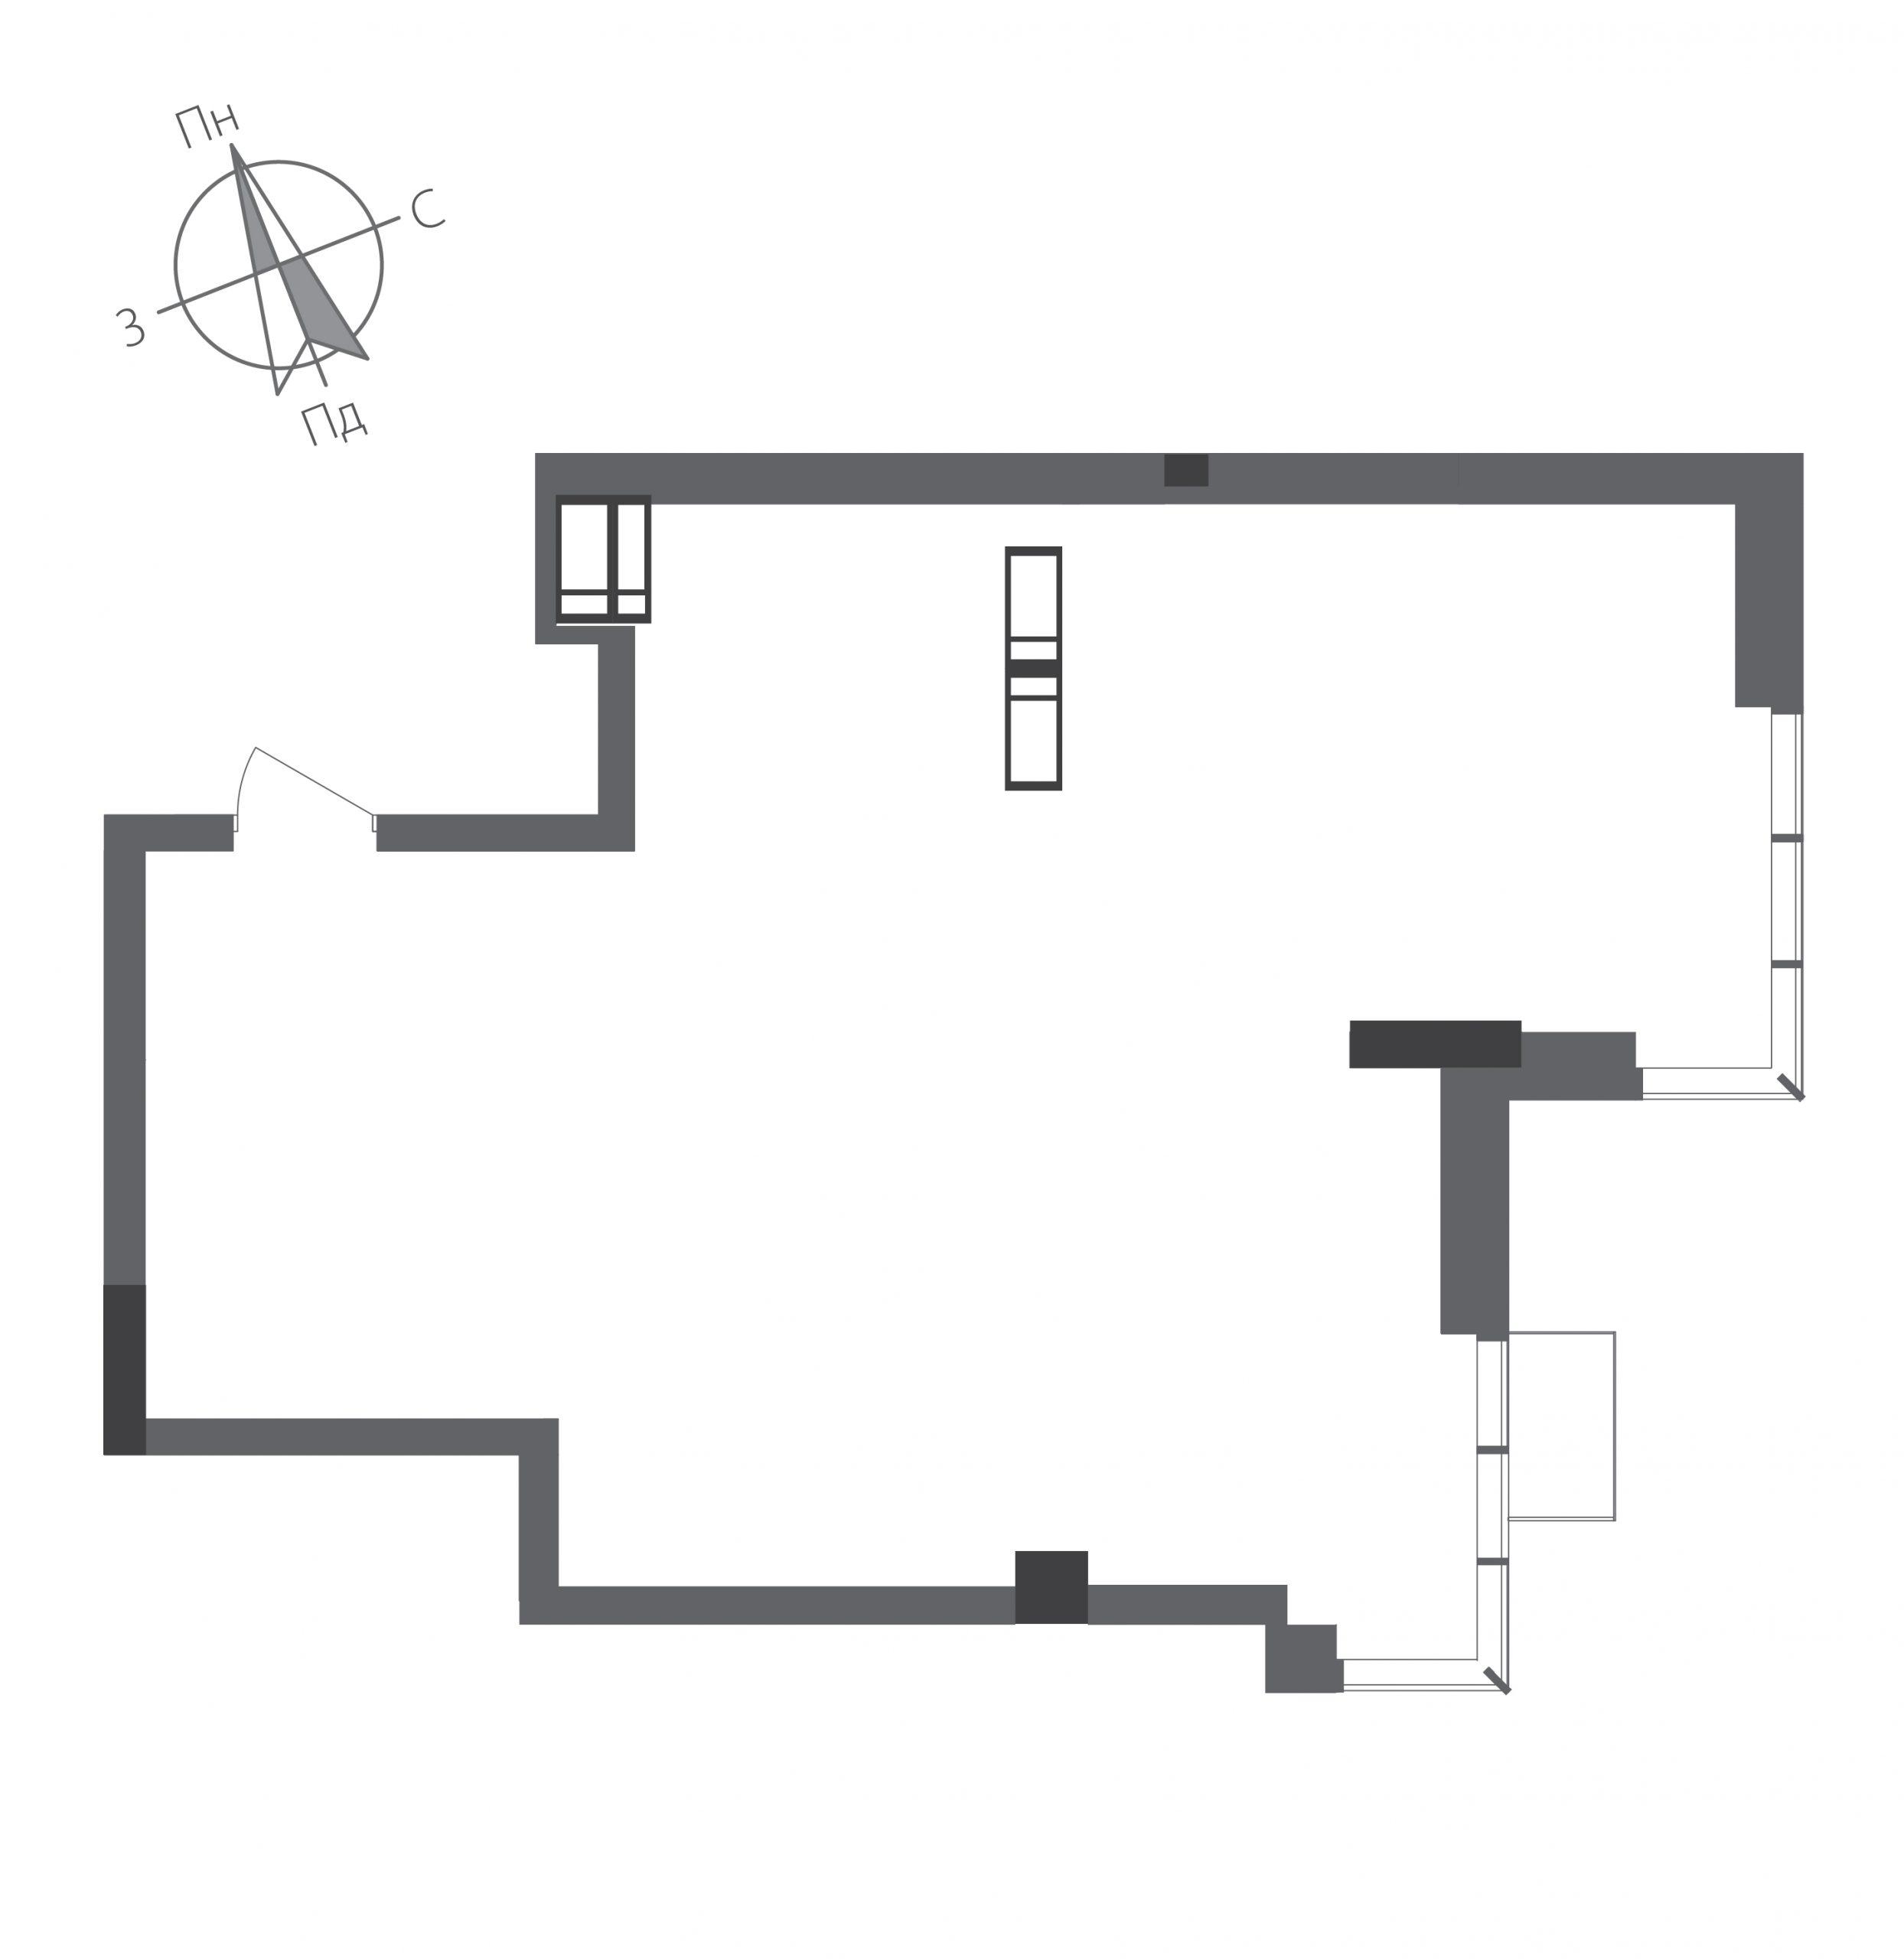 Номер квартиры №2001, Дом 9, Этаж 20, Полная площадь 63,30